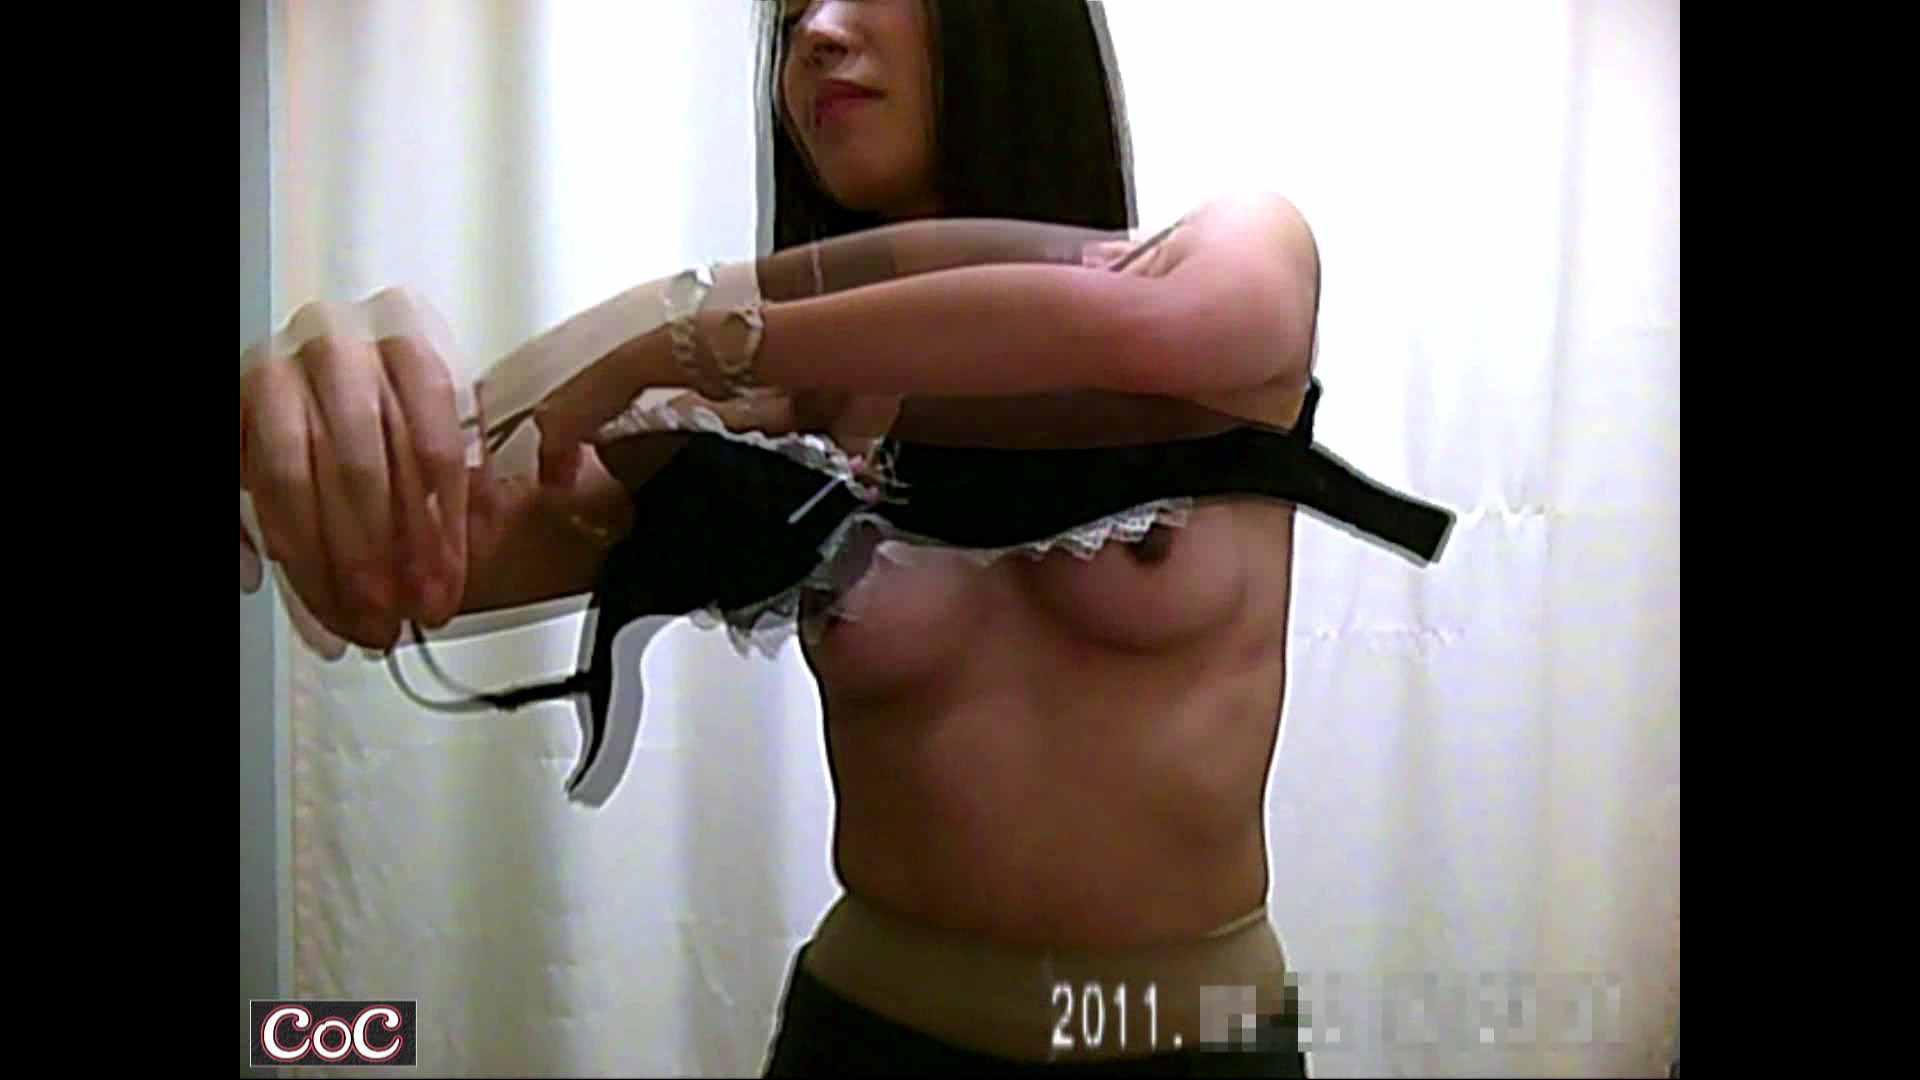 病院おもいっきり着替え! vol.32 乳首 オマンコ無修正動画無料 89画像 13